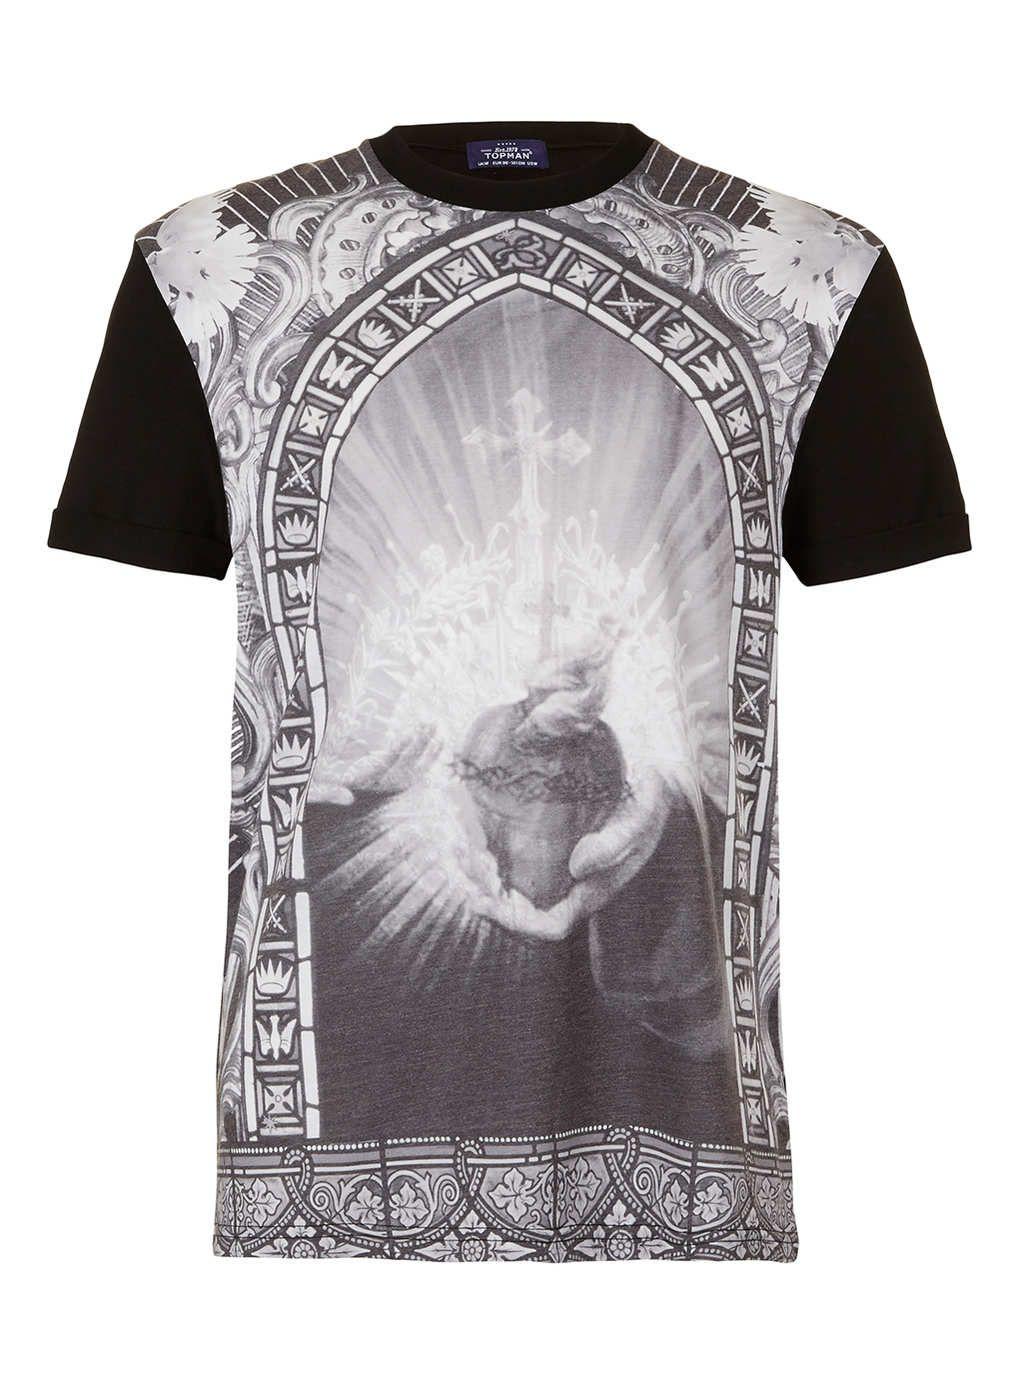 Sacred Heart Tshirt - Mexican Sacred Heart Tshirt - Unisex Printed T-shirt - Gray Tshirt - Cliche Zero yFeqj9U9b